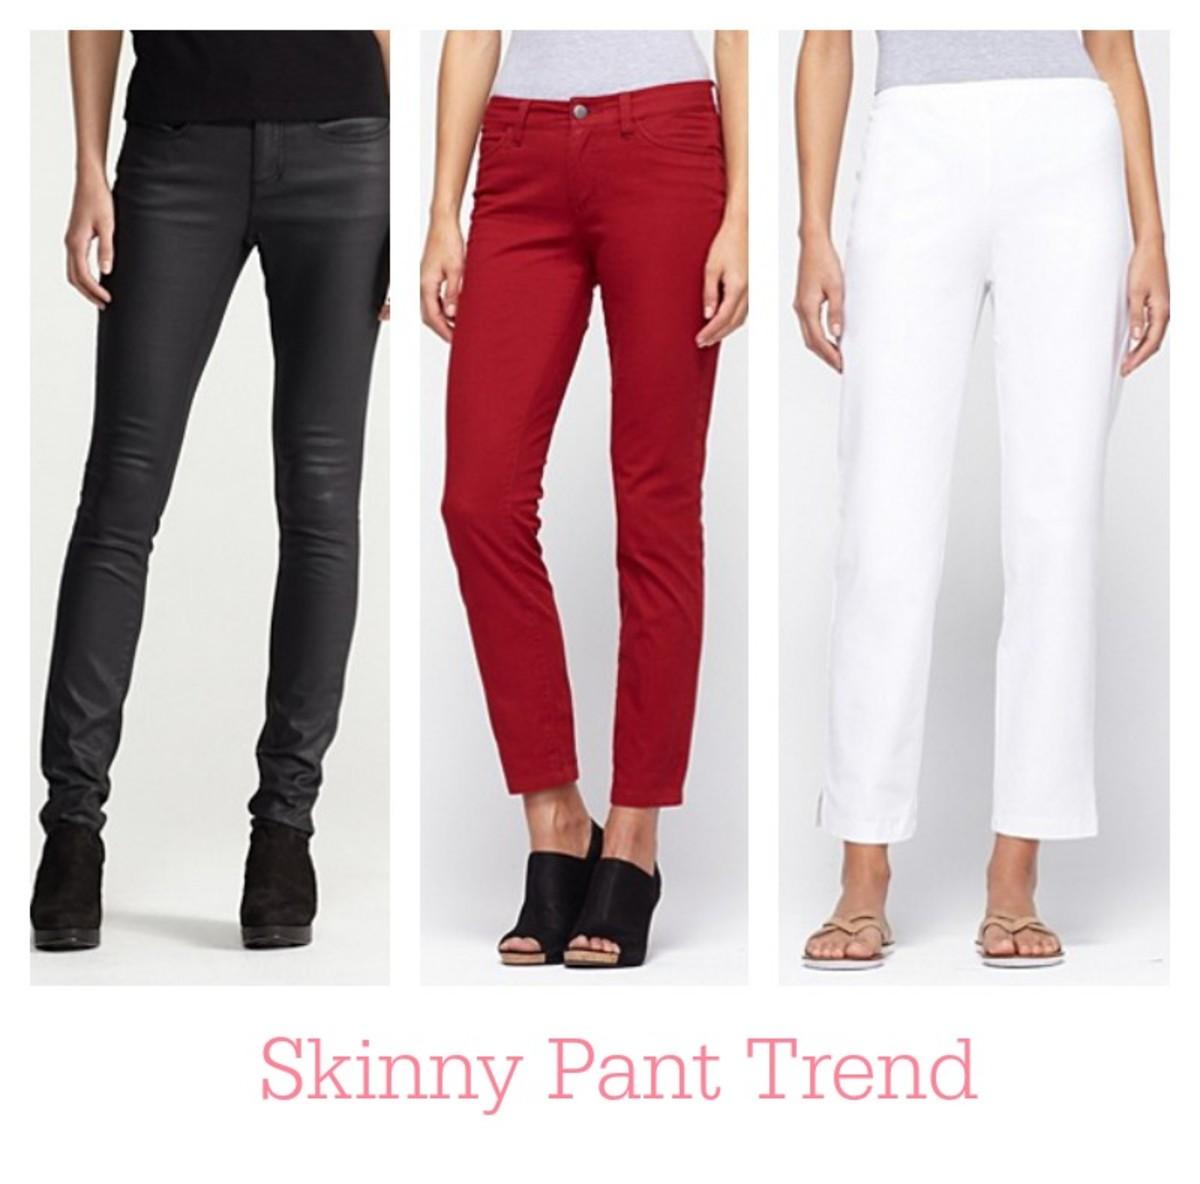 Skinny Pant Trend.jpg.jpg